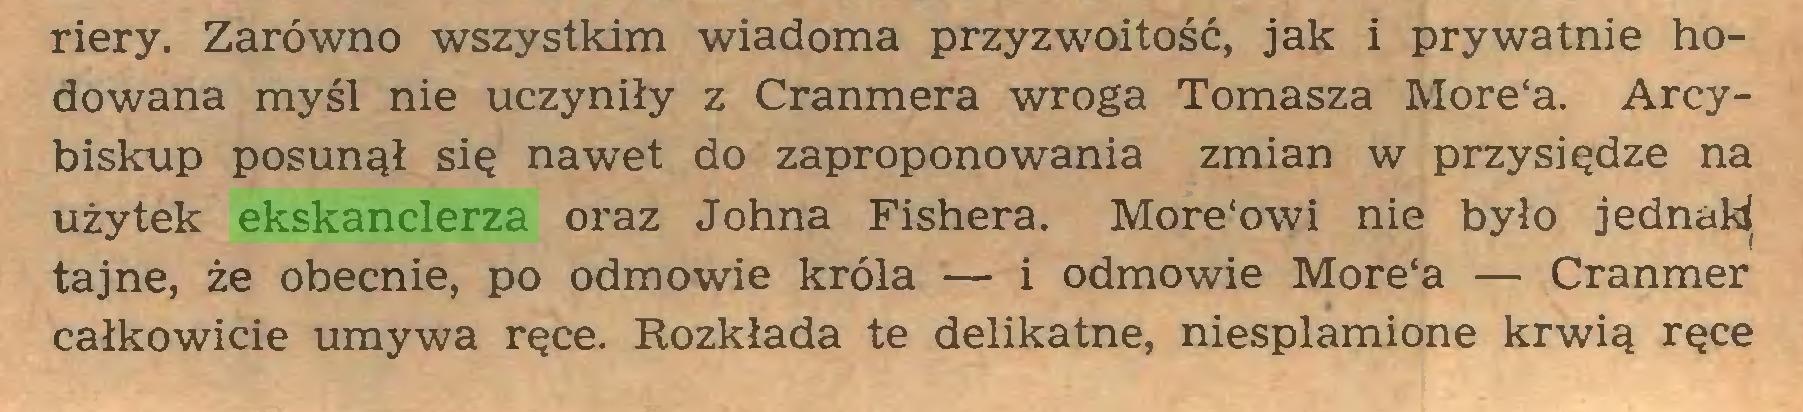 (...) riery. Zarówno wszystkim wiadoma przyzwoitość, jak i prywatnie hodowana myśl nie uczyniły z Cranmera wroga Tomasza More'a. Arcybiskup posunął się nawet do zaproponowania zmian w przysiędze na użytek ekskanclerza oraz Johna Fishera. More'owi nie było jednaW tajne, że obecnie, po odmowie króla — i odmowie More'a — Cranmer całkowicie umywa ręce. Rozkłada te delikatne, niesplamione krwią ręce...